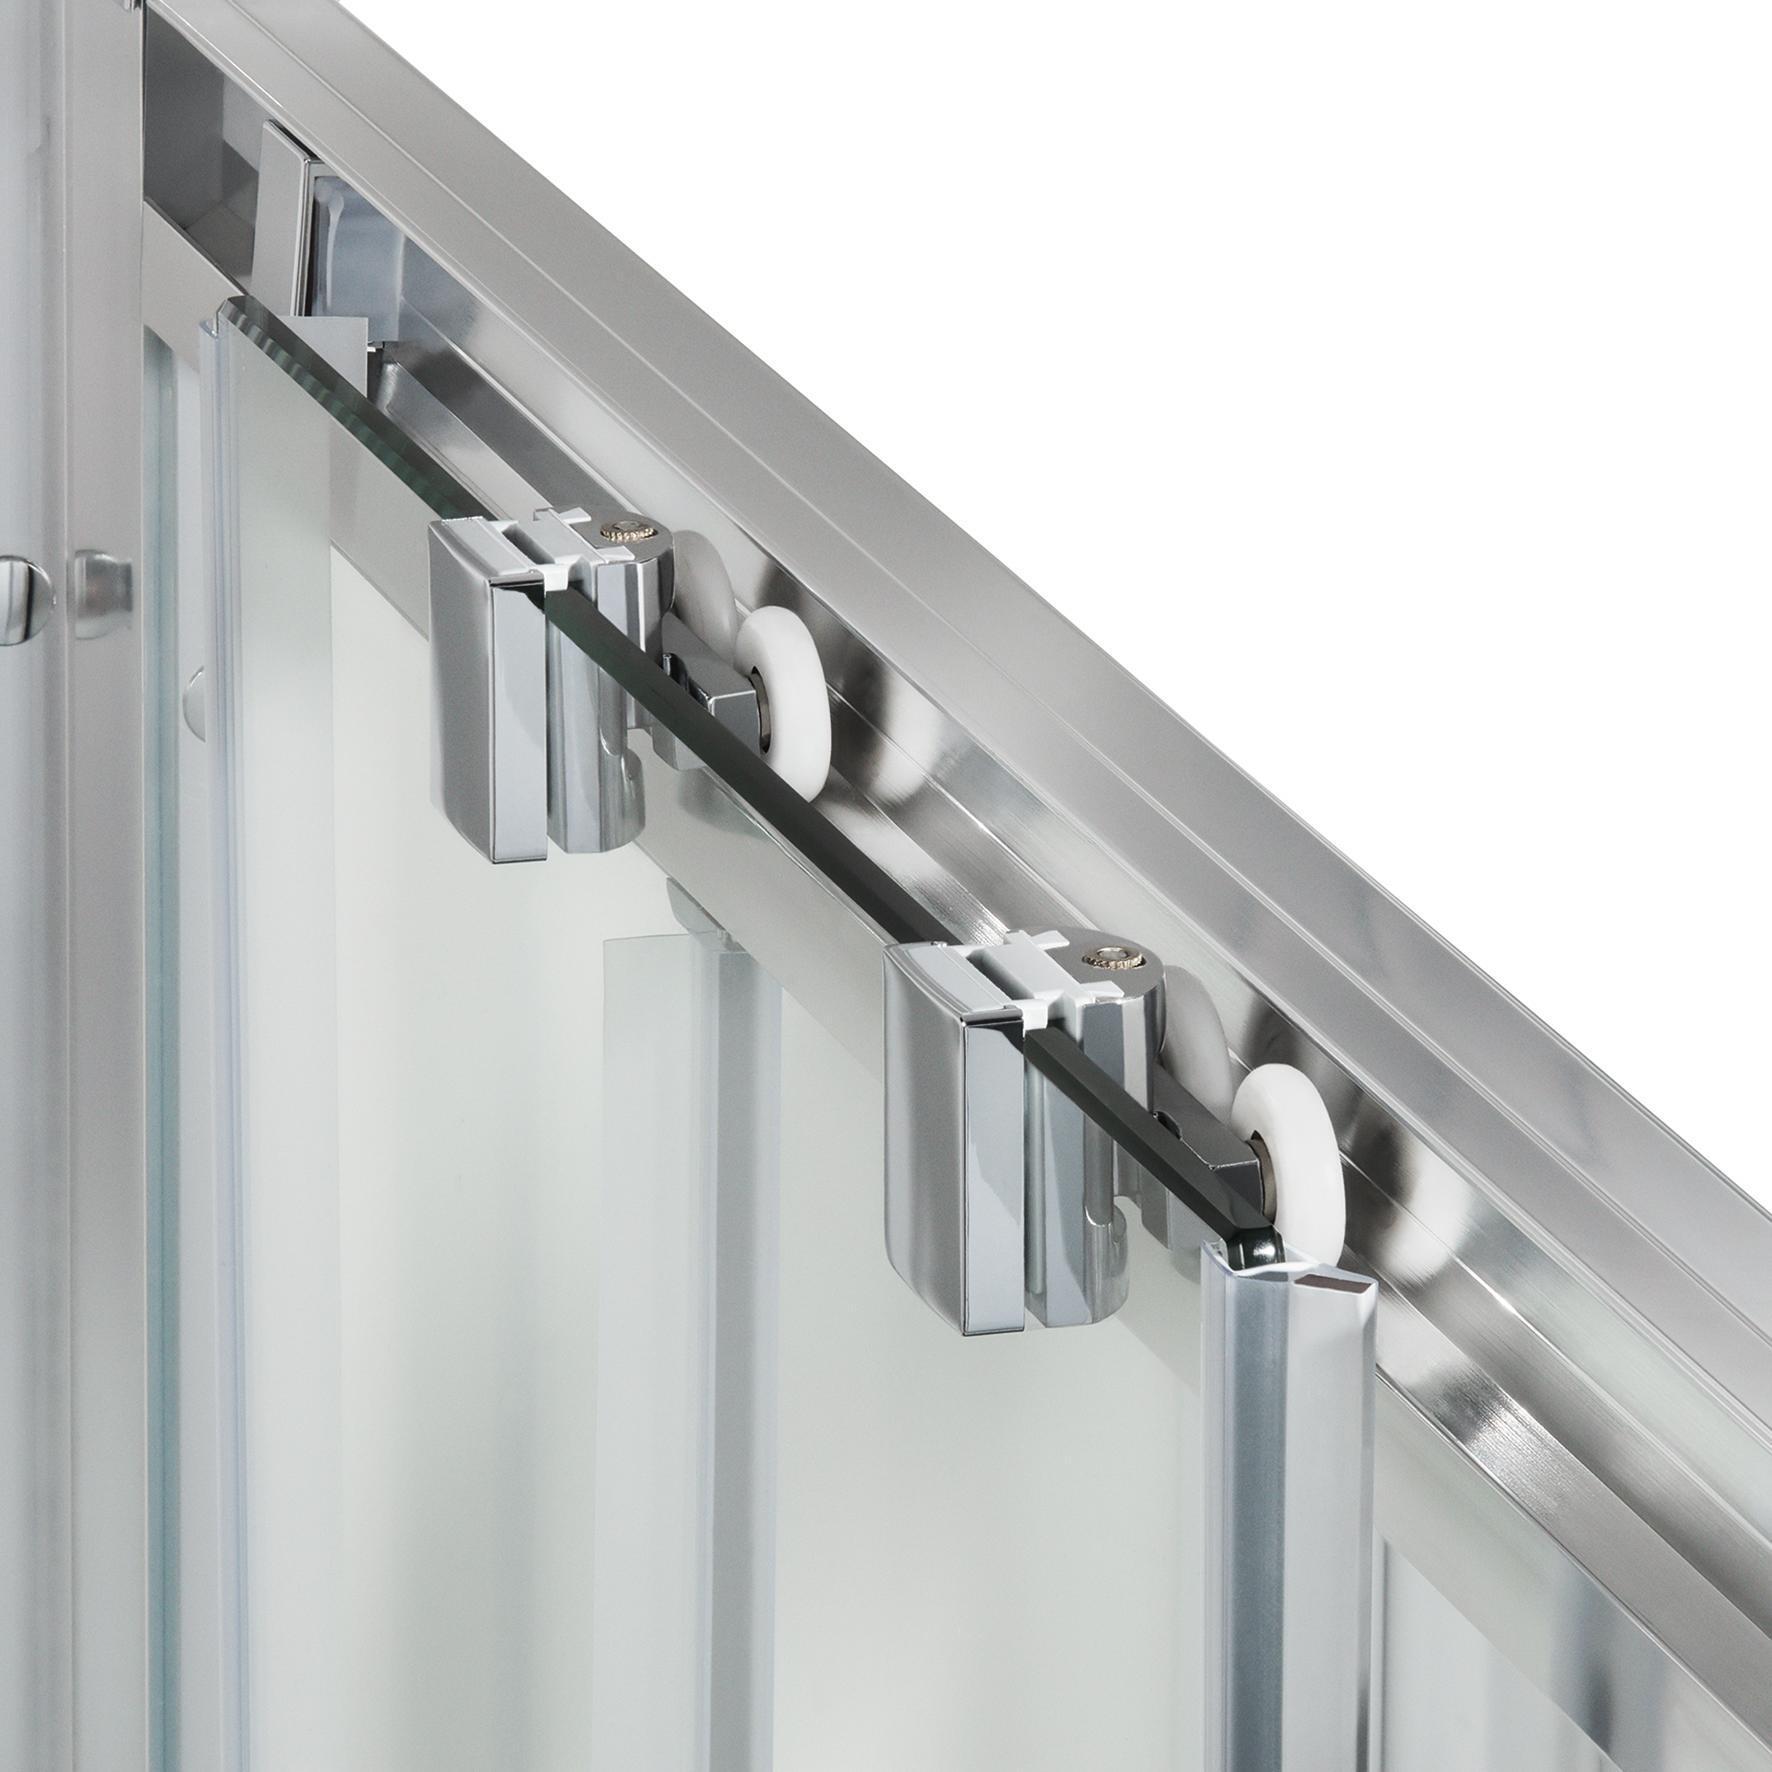 Box doccia quadrato scorrevole Quad 80 x 100 cm, H 190 cm in vetro temprato, spessore 6 mm trasparente argento - 3